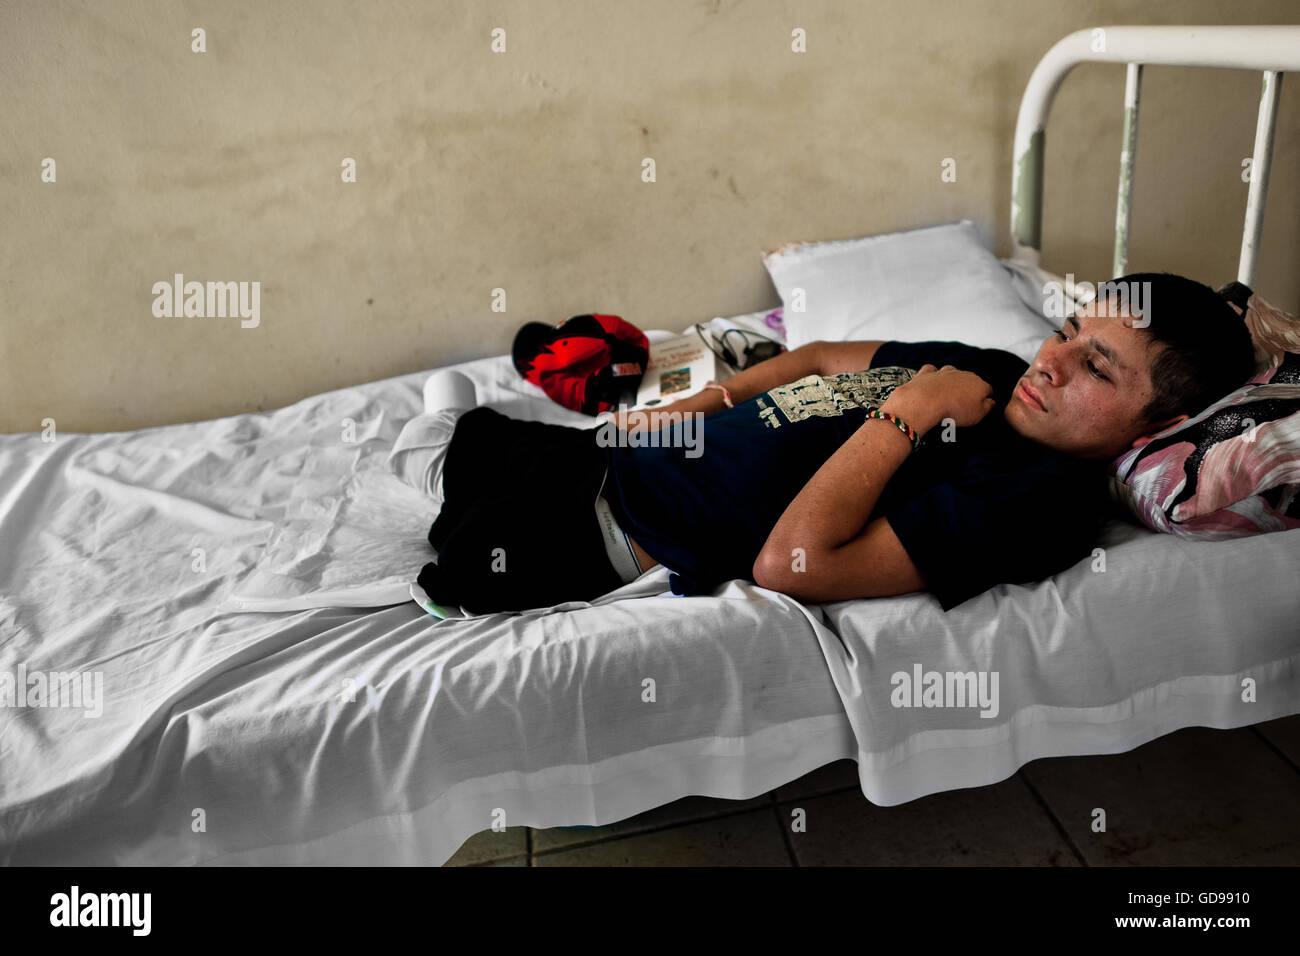 Beine forum beide amputiert Ärztefehler: Zweifachmutter